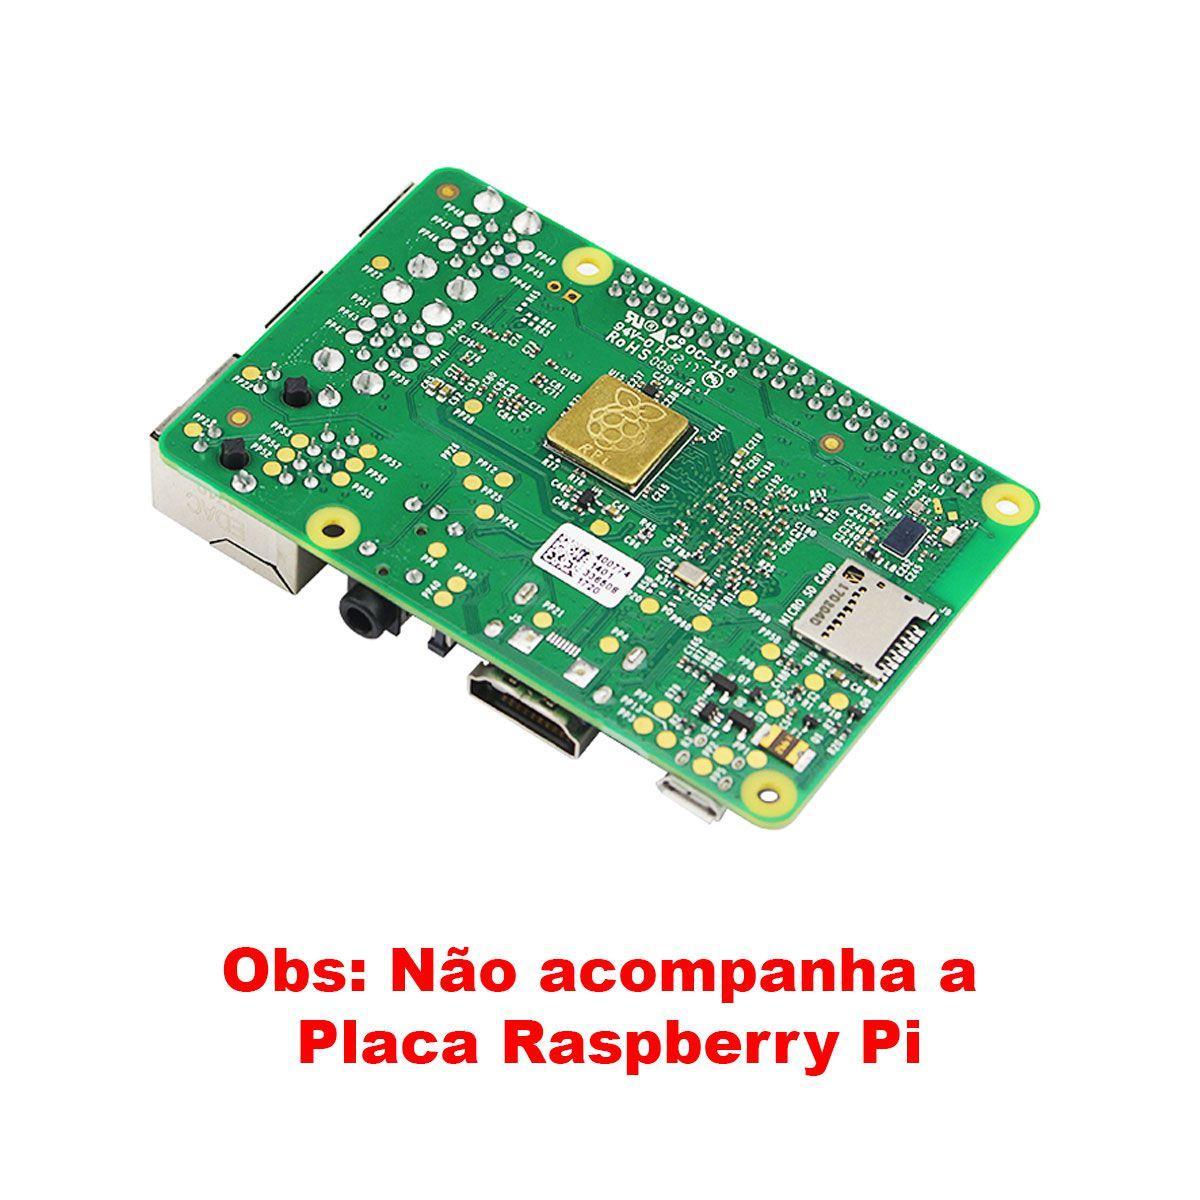 Fonte Raspberry Pi 4 5V 3A Usb Tipo C + Dissipadores